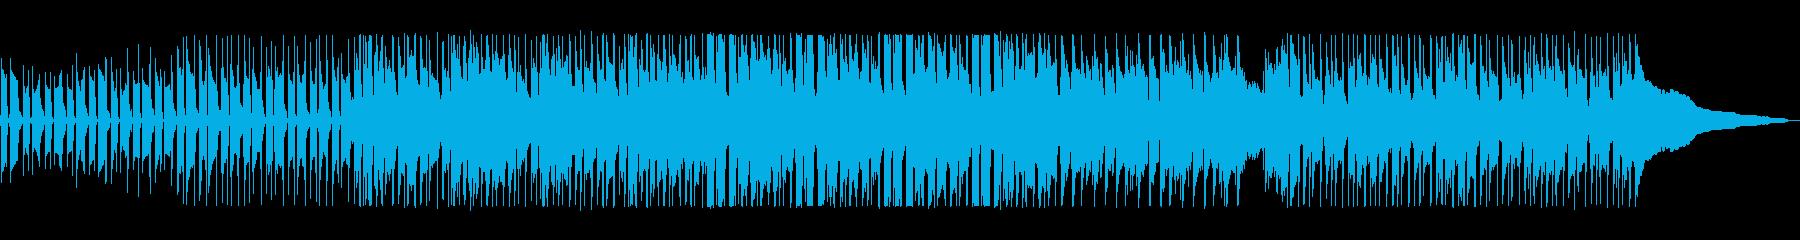 ベースの低音と口笛の高い音がマッチした曲の再生済みの波形